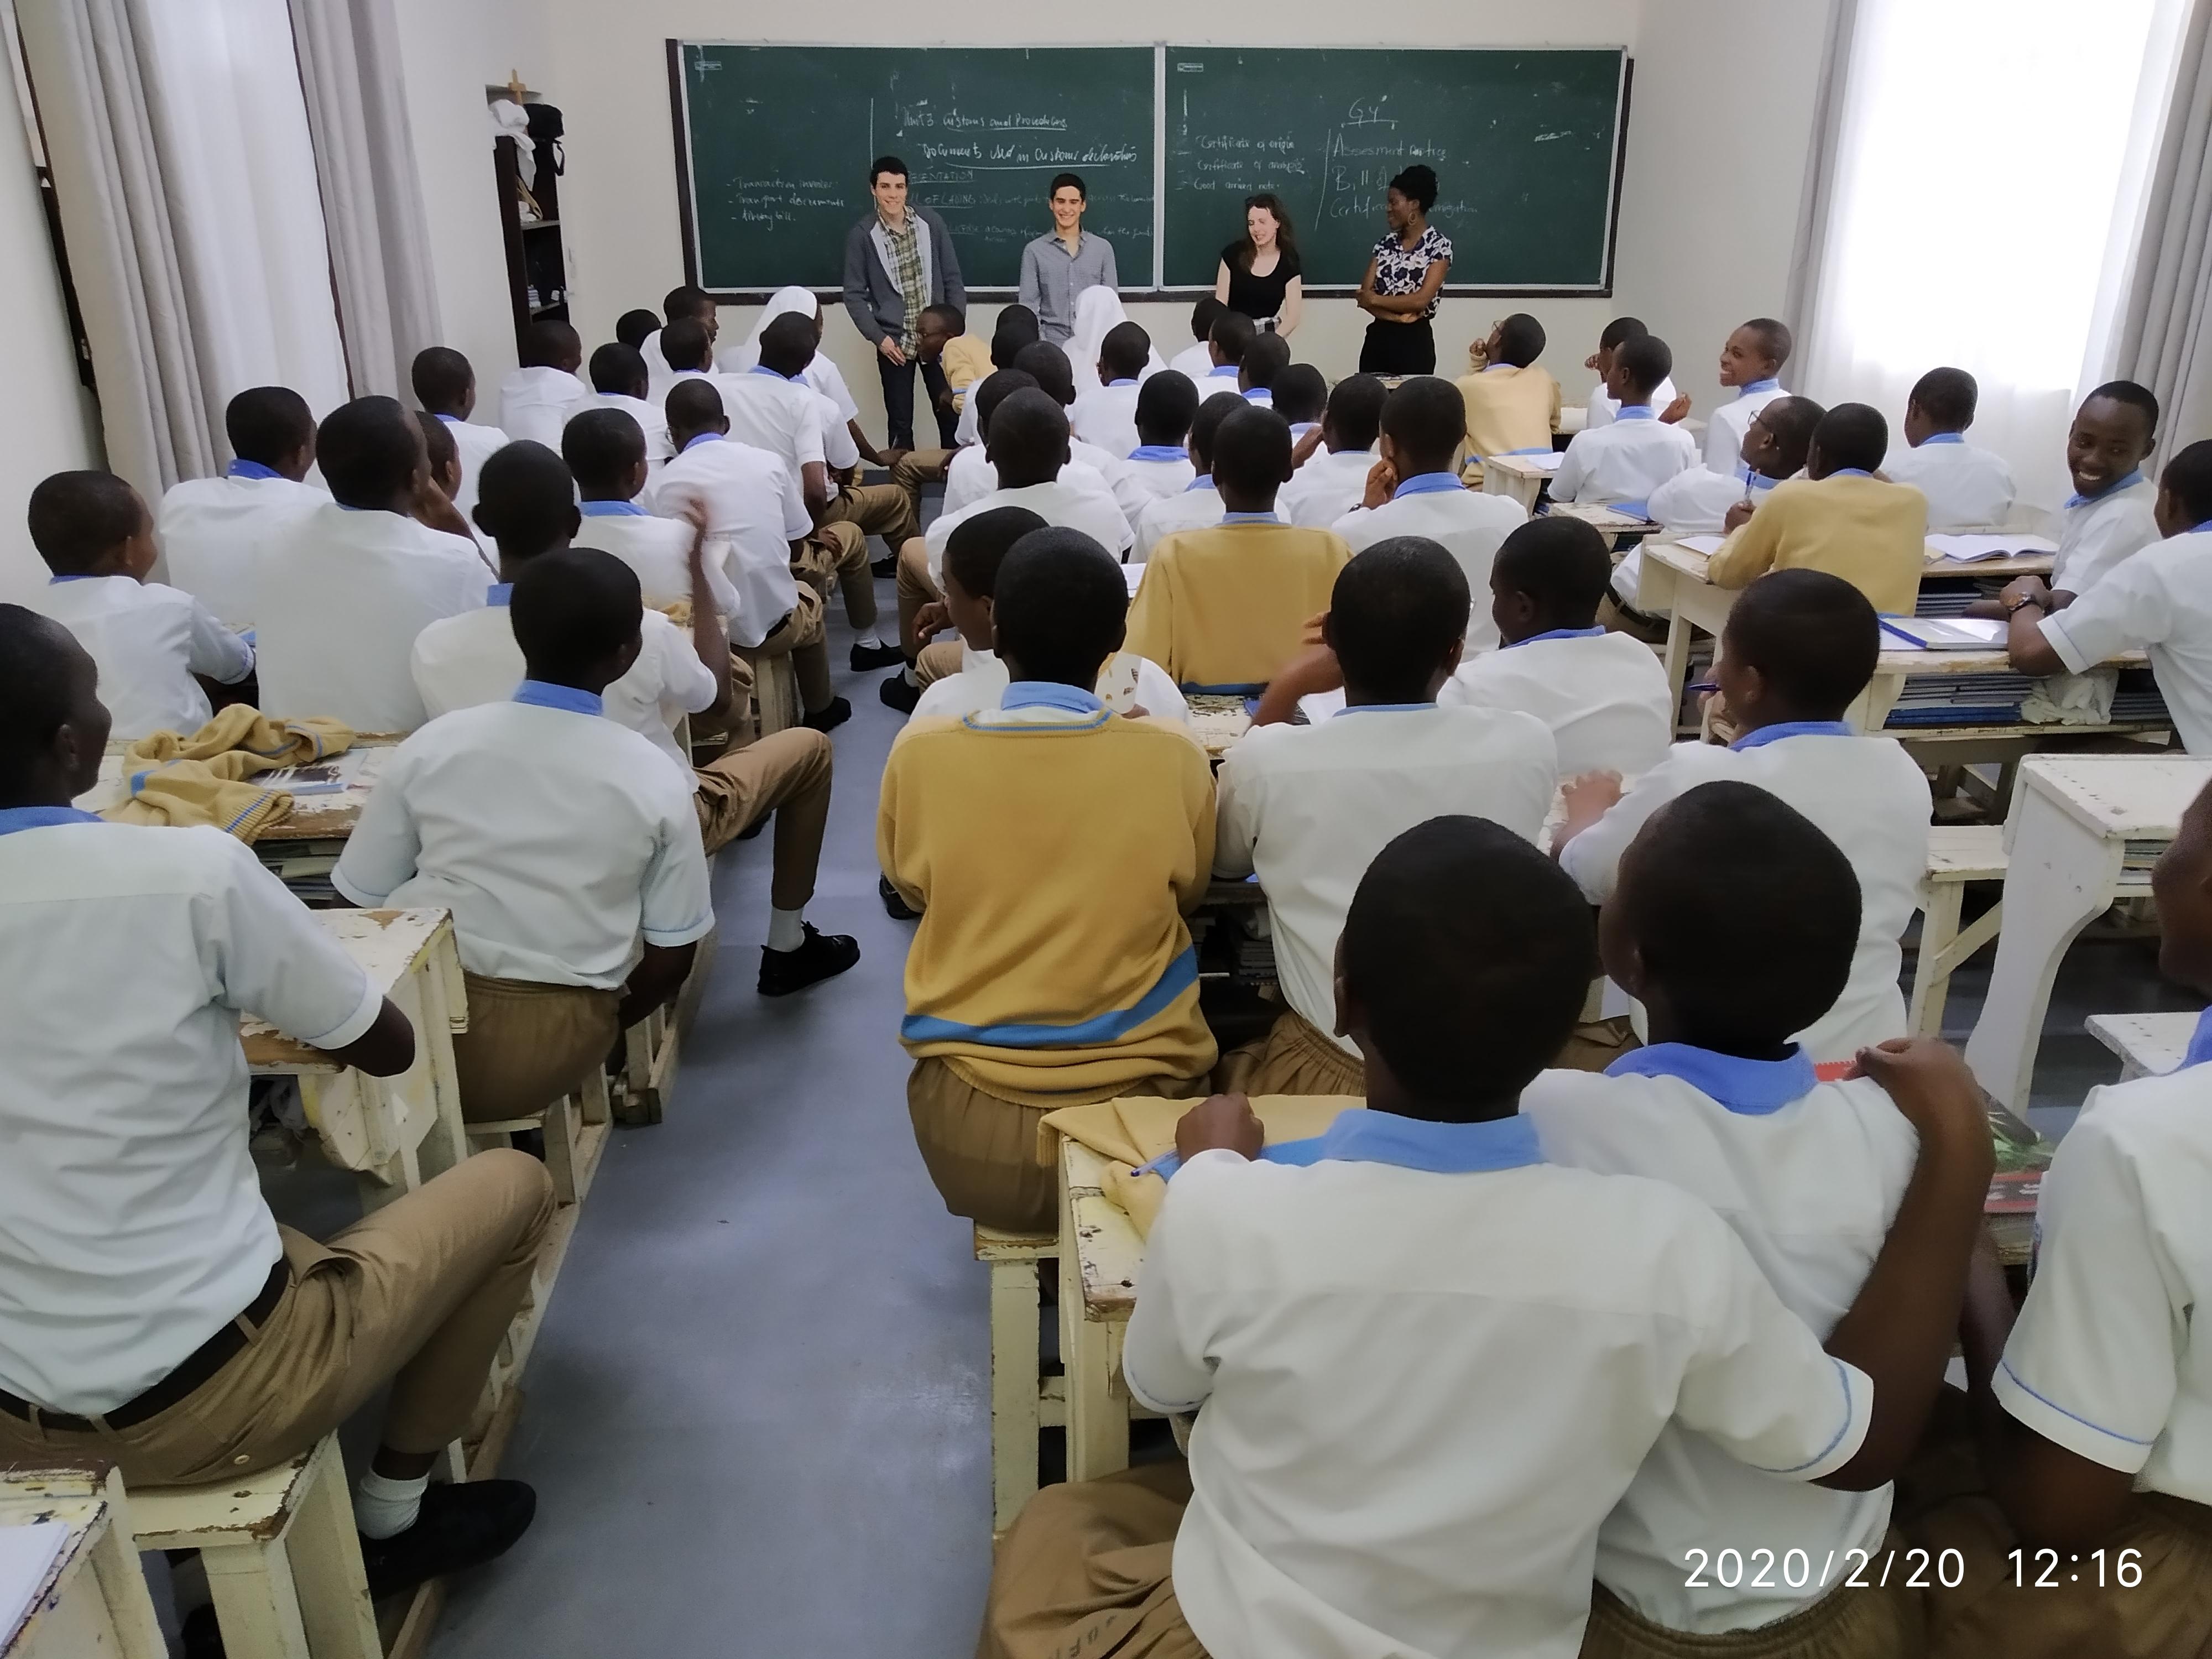 Les élèves à l'école Saint-Joseph de Kabgayi.